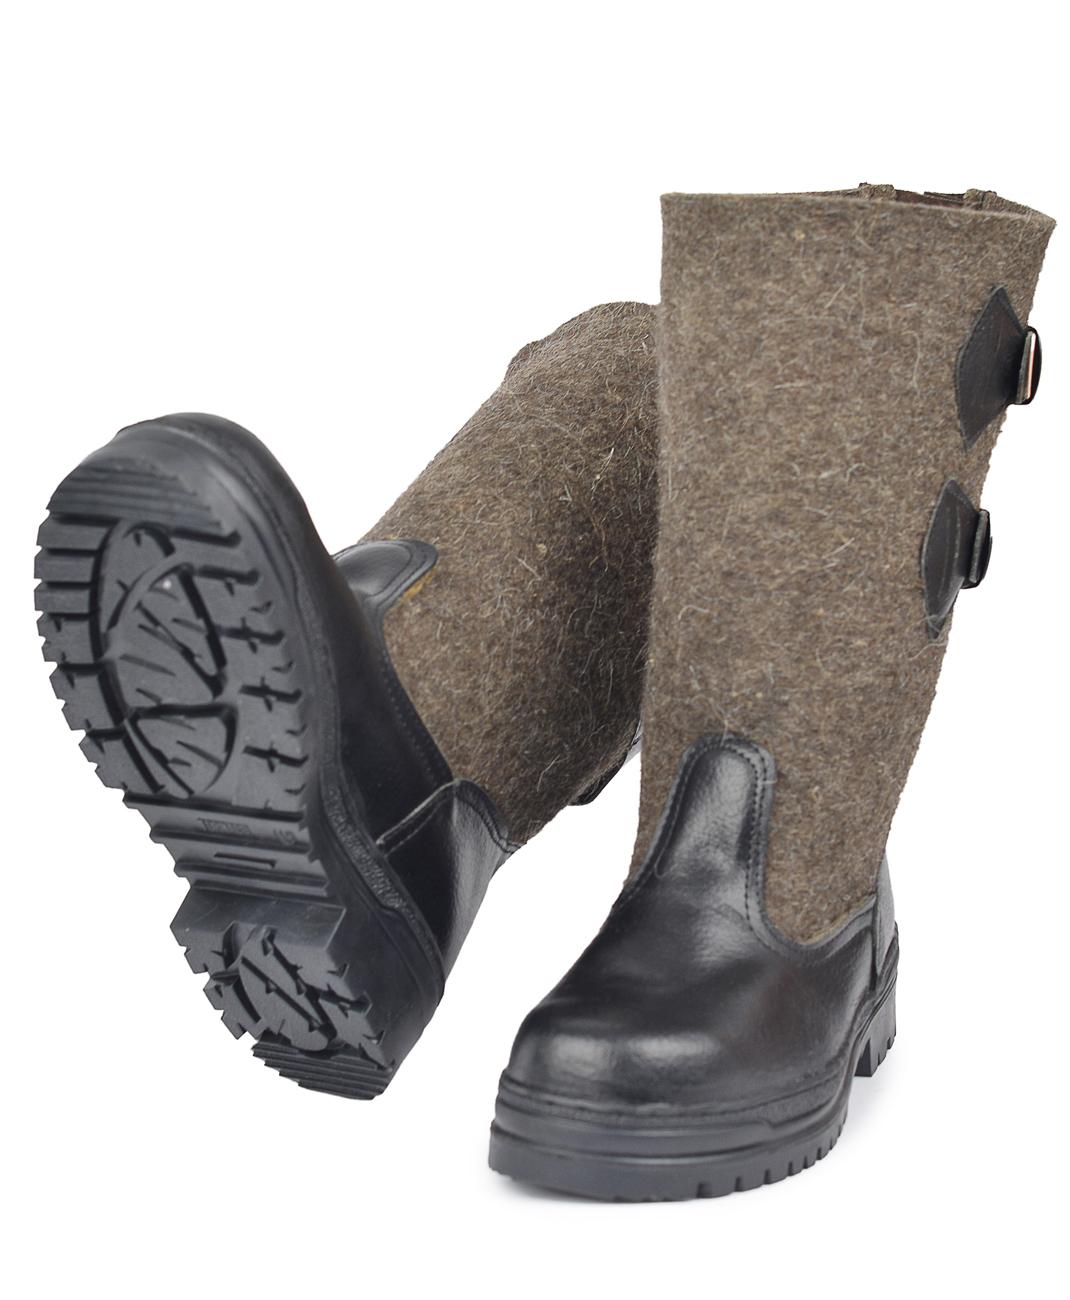 Сапоги войлочные Север LUX,ТЭП(TORNADO) (41)Сапоги для активного отдыха<br>Союзка и задник обшиты натуральной кожей, <br>что хорошо защищает ноги в слякотную погоду. <br>Предназначены для использования в условиях <br>пониженных температур. Сапоги изготовлены <br>из войлока (грубая натуральная овечья шерсть) <br>с маслобензостойкой подошвой(ТЭП) клеепрошивного <br>метода крепления. Отлично защищают ноги <br>от пониженных температур, нефтепродуктов <br>и общих производственных загрязнений. Голенище <br>разрезное, с задней стороны располагается <br>клин с двумя кожаными регулируемыми застежками, <br>которые позволяют заправлять низ брюк внутрь <br>сапог и затягивать по ноге. Незаменимы в <br>использовании во всех климатических поясах, <br>сохранили в себе все лучшие свойства натуральных <br>валенок, так популярных у нас в стране. А <br>в условиях дефицита и дороговизны последних, <br>являются хорошей альтернативой валенкам. <br>Войлочные сапоги могут быть использованы <br>в различных отраслях промышленности, строительстве, <br>сельском хозяйстве, складском или коммунальном <br>хозяйстве. Высота: 31см<br><br>Пол: мужской<br>Размер: 41<br>Сезон: зима